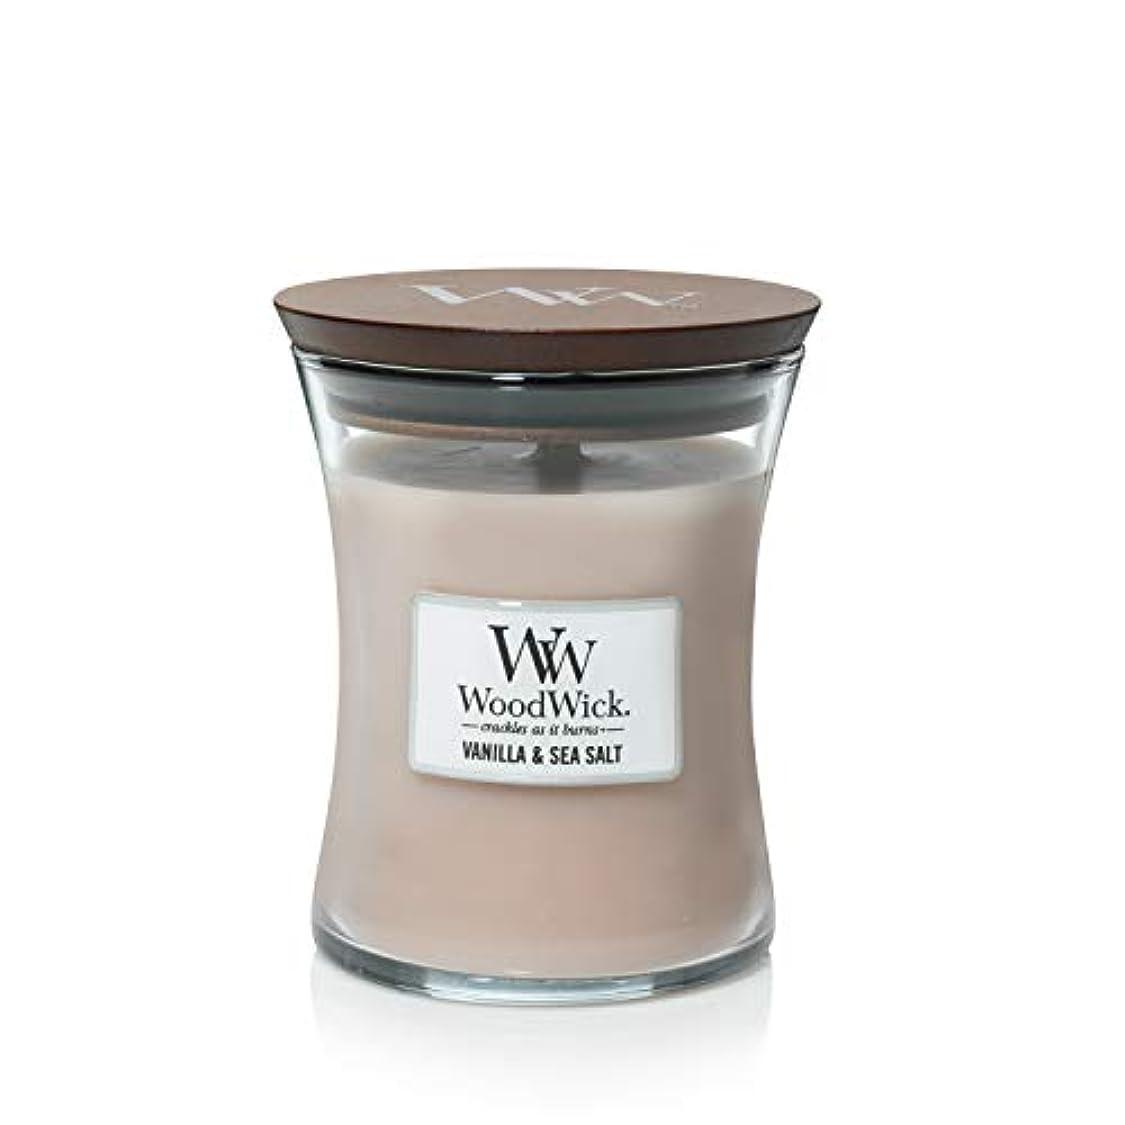 鳴らすロックトロピカルバニラSea Salt WoodWick 10 oz Medium砂時計Jar Candle Burns 100時間